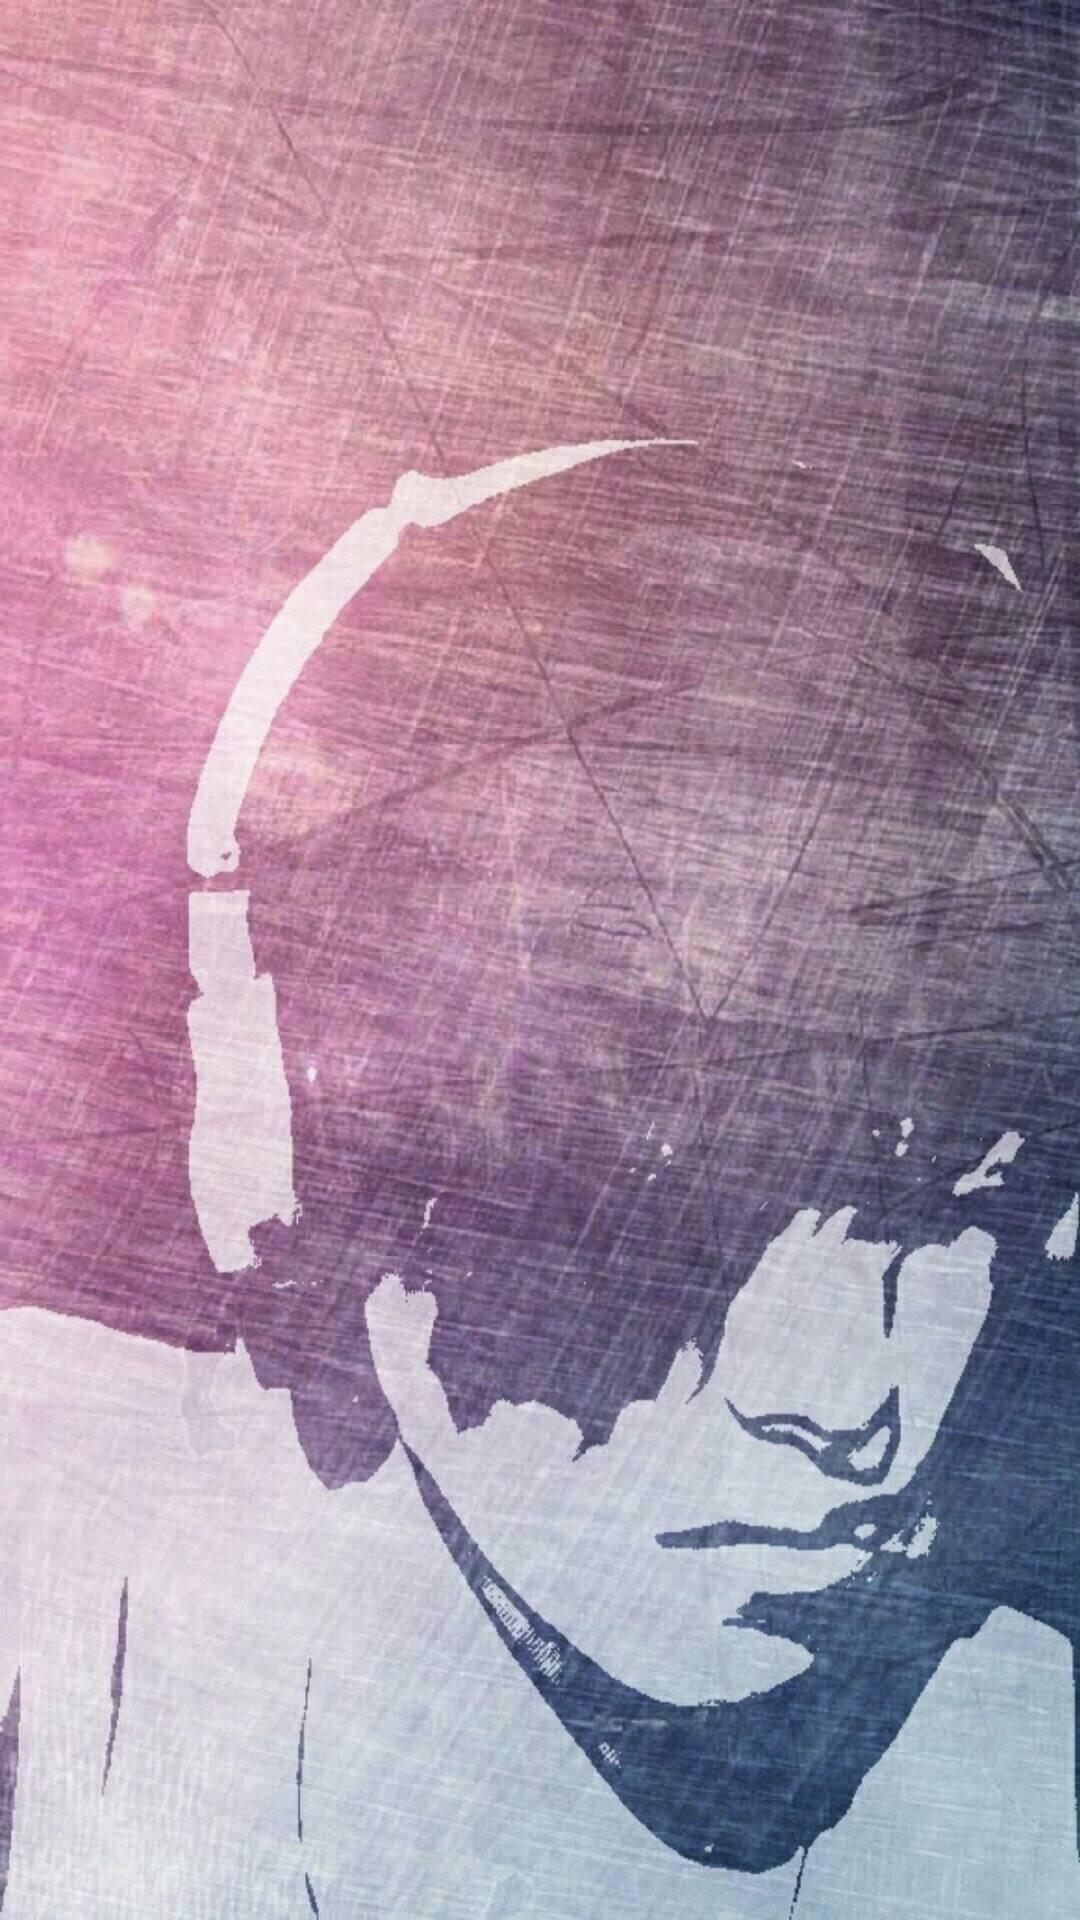 ヘッドホン 音楽 Wallpaper Sc スマホ壁紙